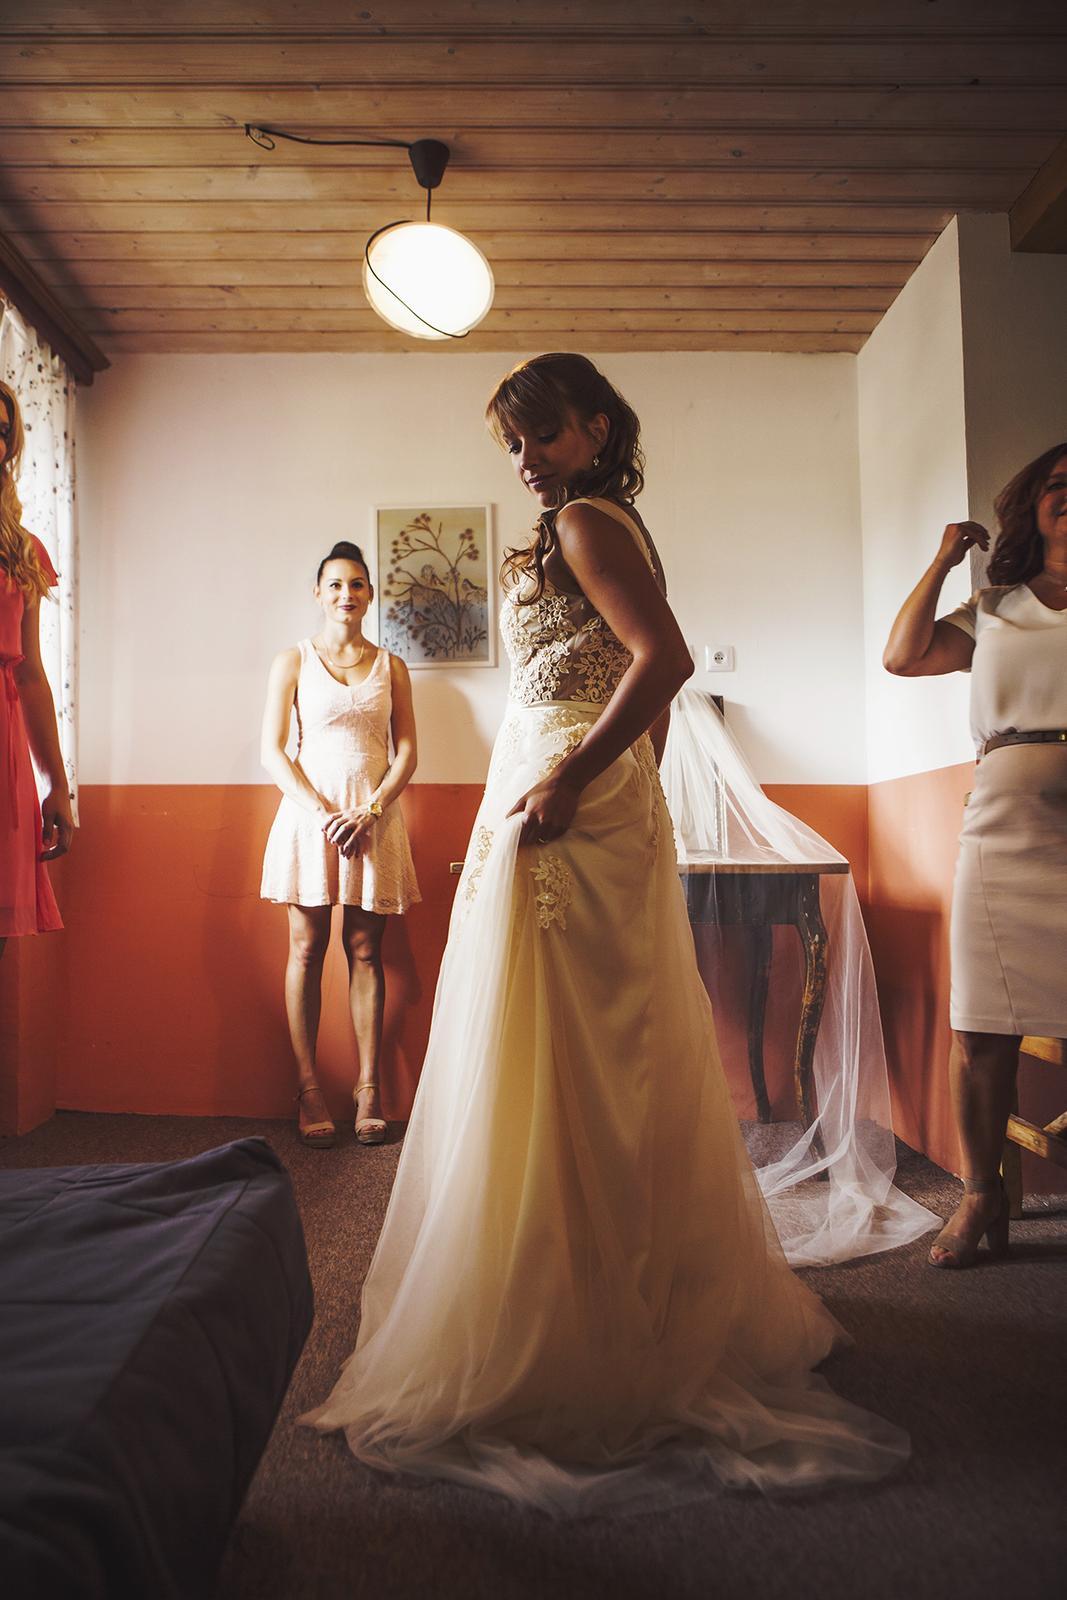 Svatba Krkonose - Obrázek č. 24